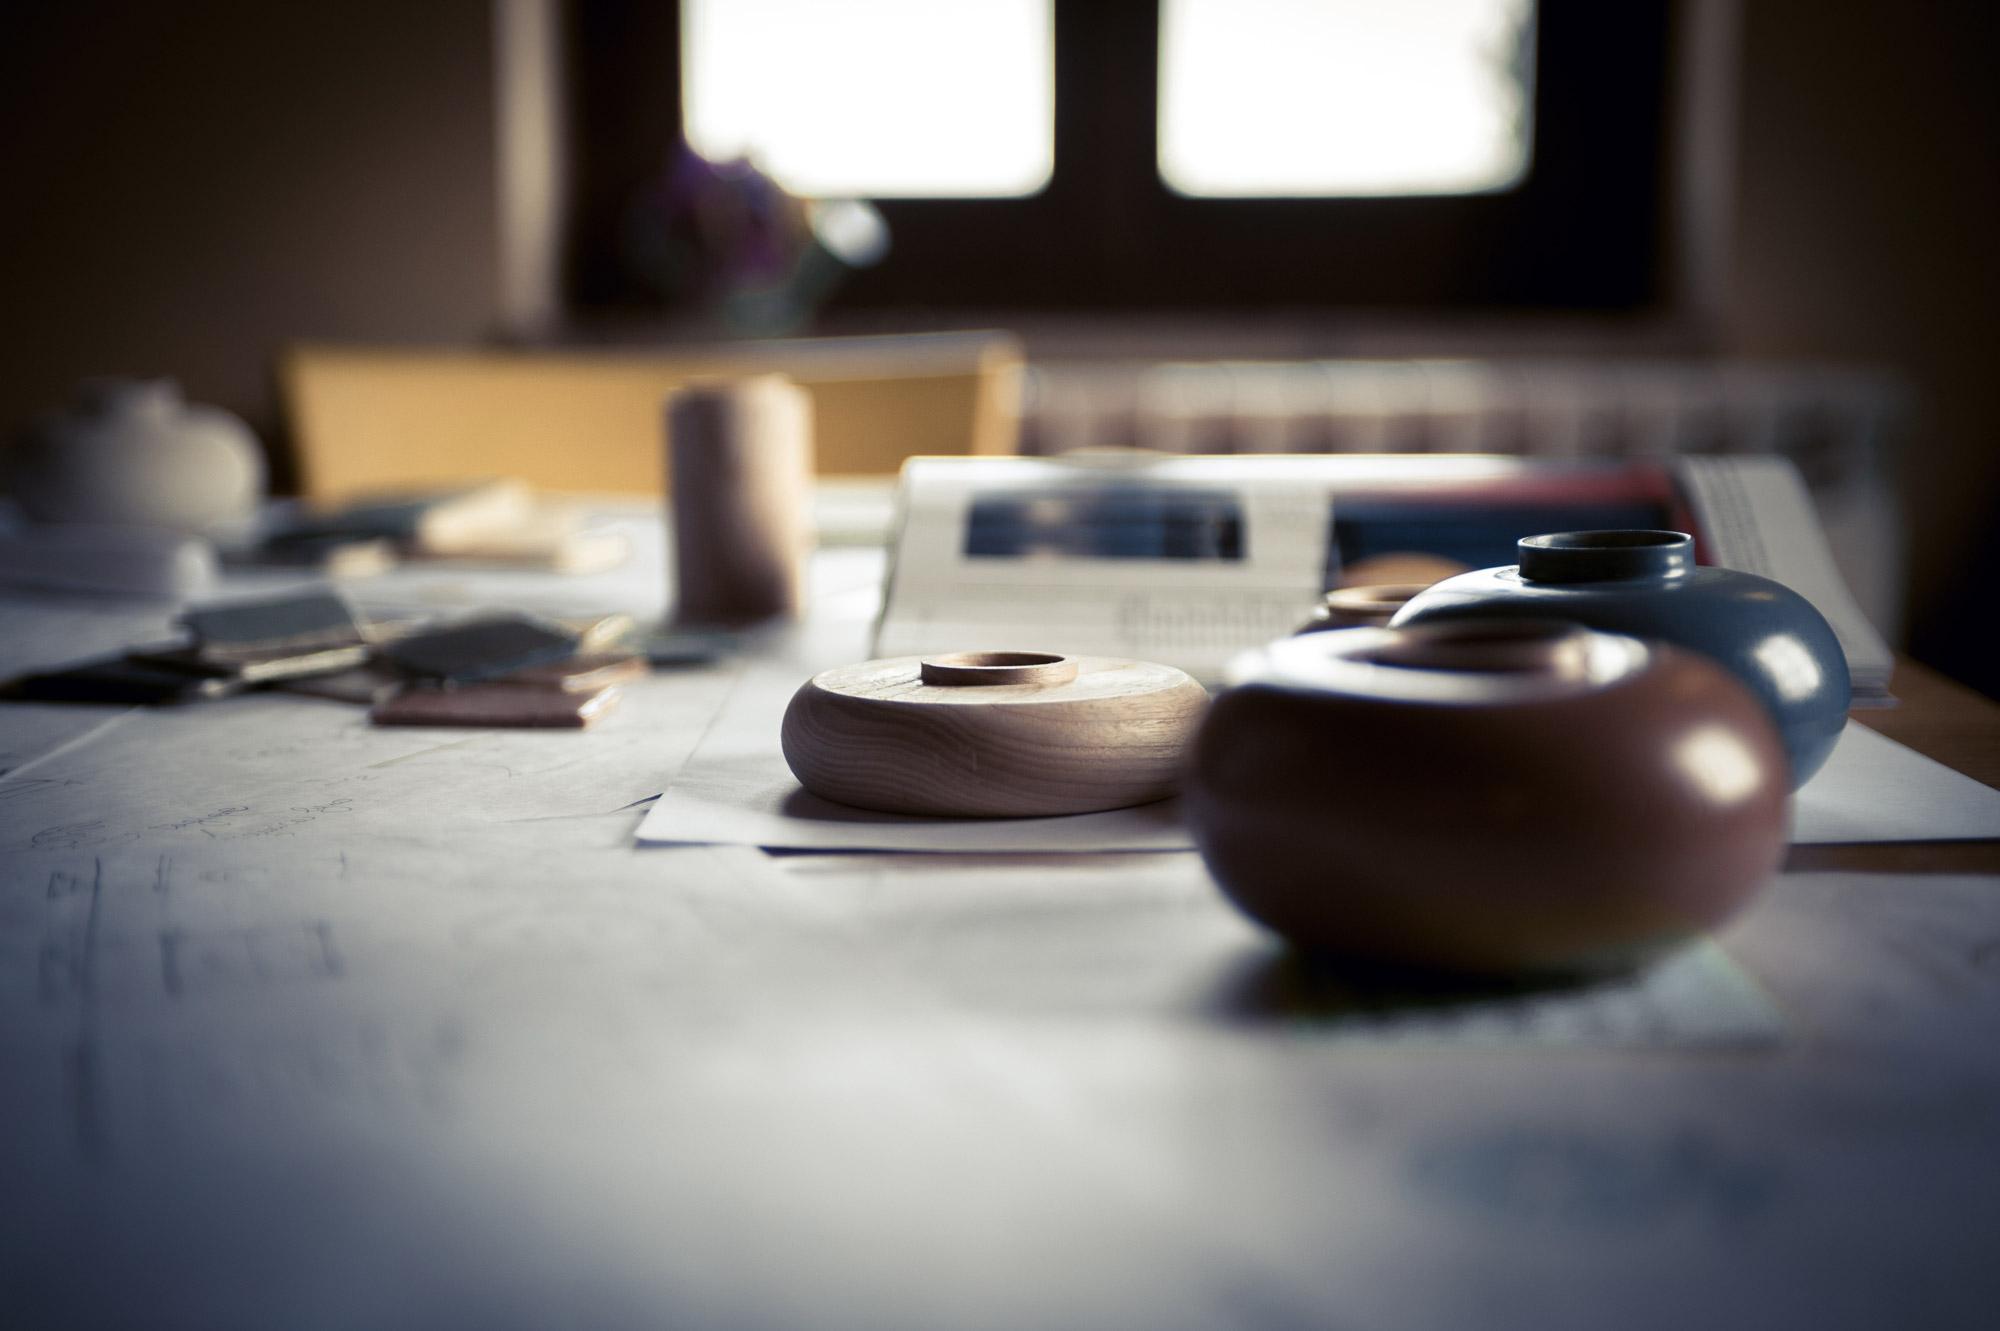 ambientazione-ceramica